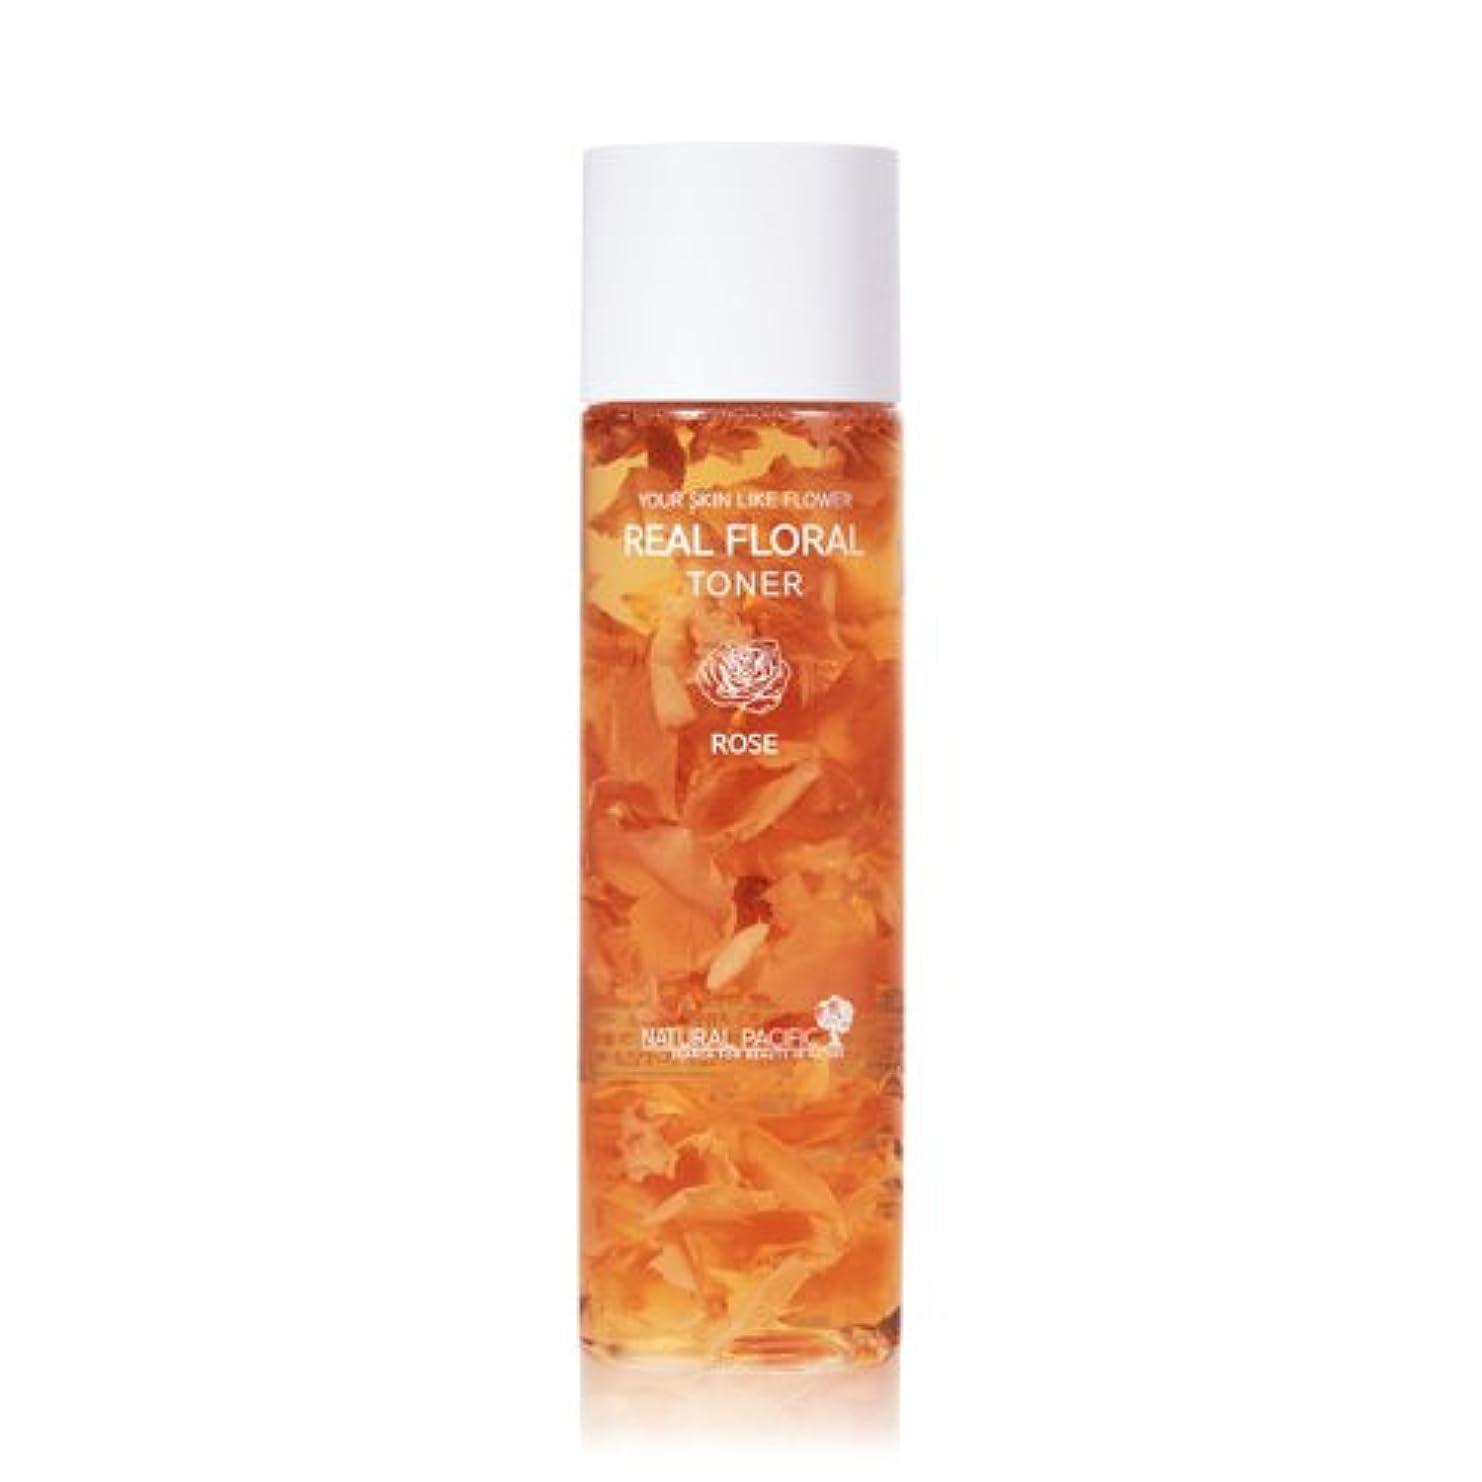 データベース同志フックNATURAL PACIFIC Real Rose Floral Toner 180ml/ナチュラルパシフィック リアル ローズ フローラル トナー 180ml [並行輸入品]